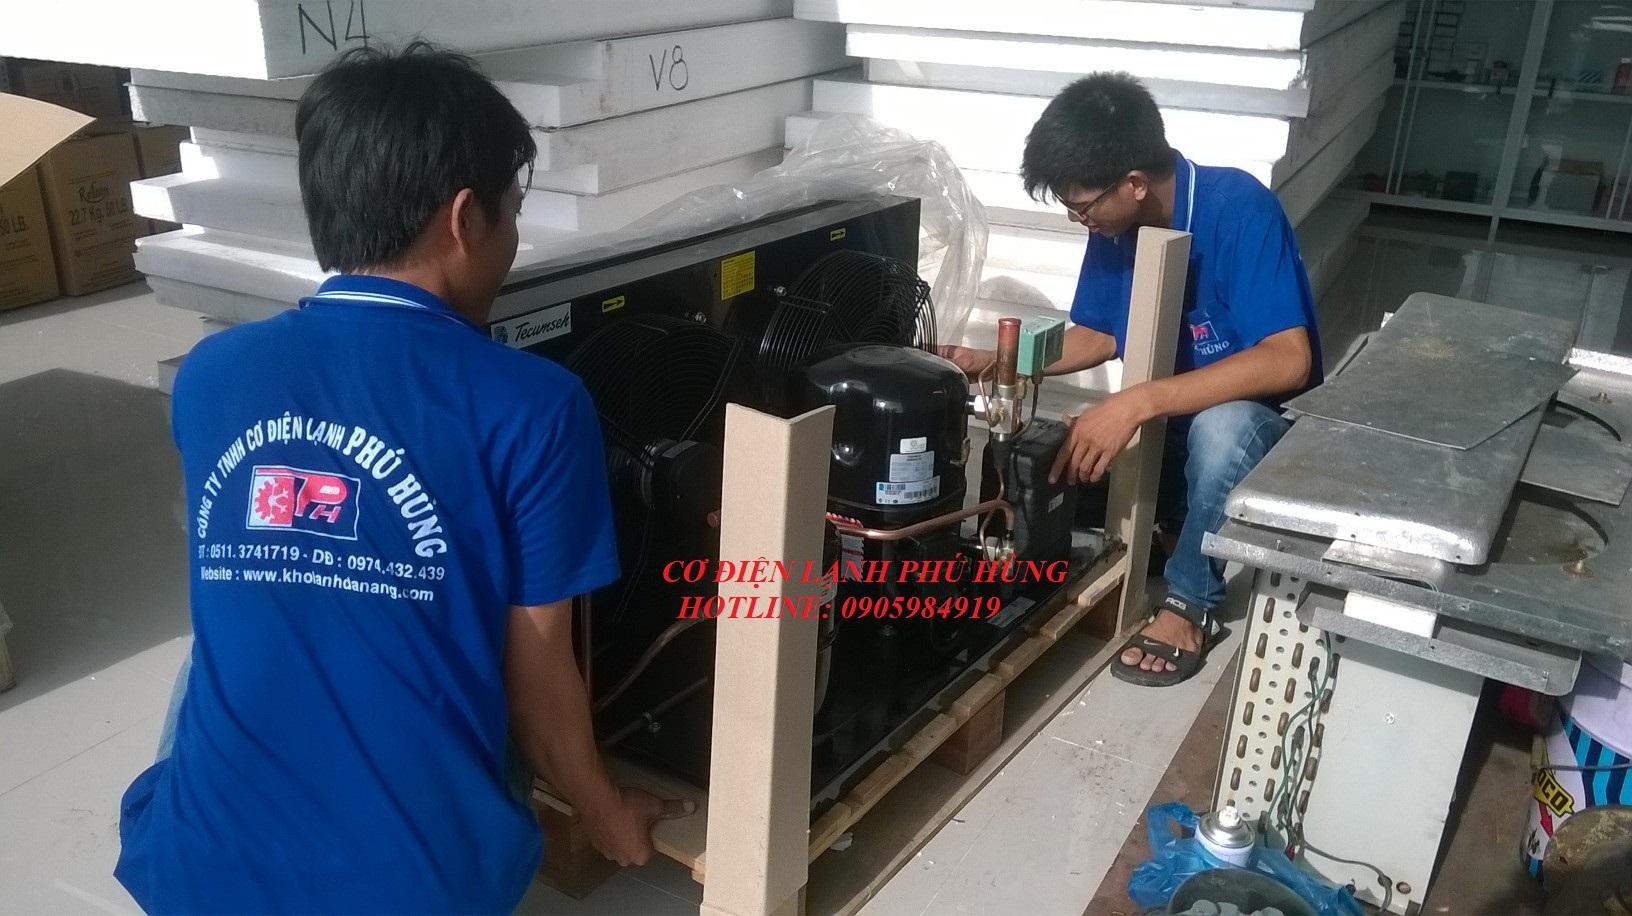 Cụm máy nén dàn ngưng kho đông lạnh Đà Nẵng m1